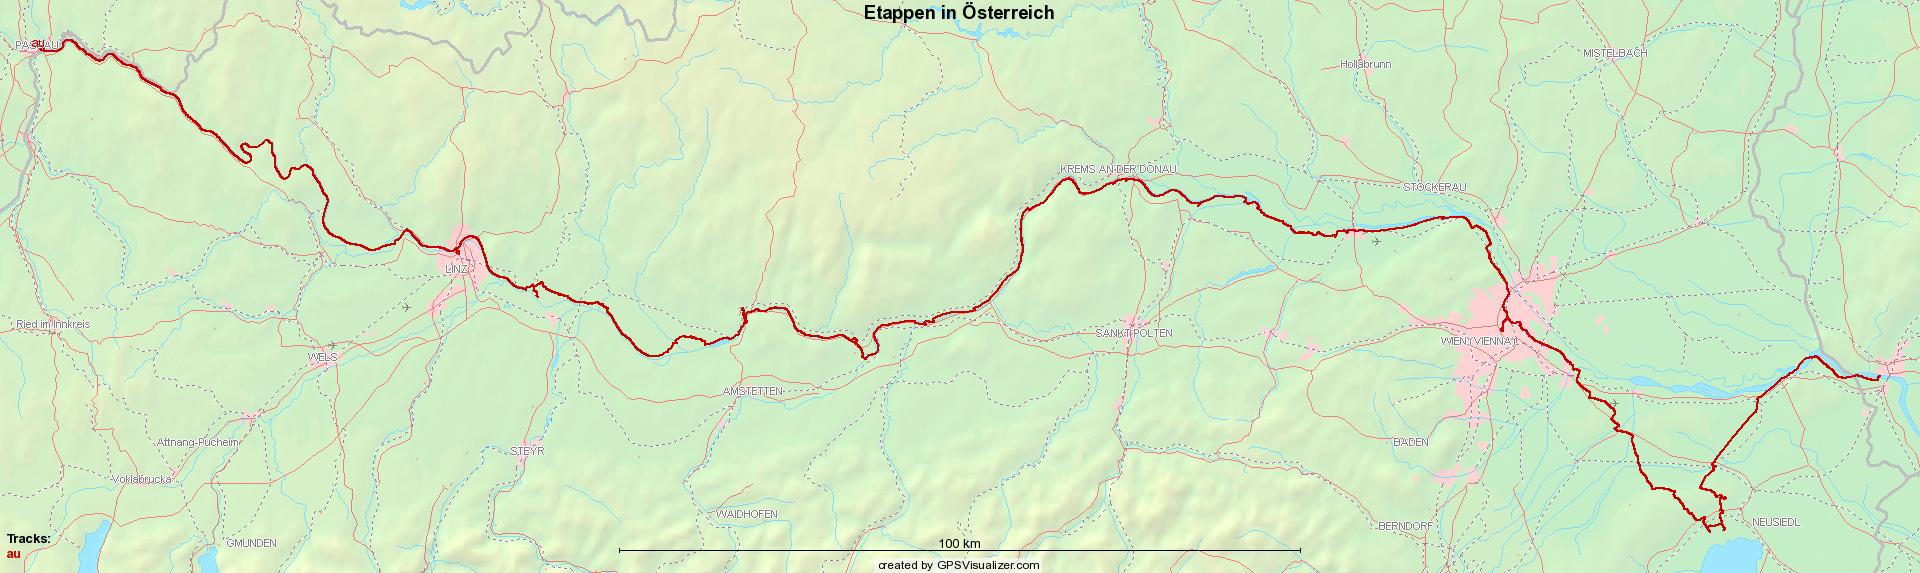 Etappen in Österreich